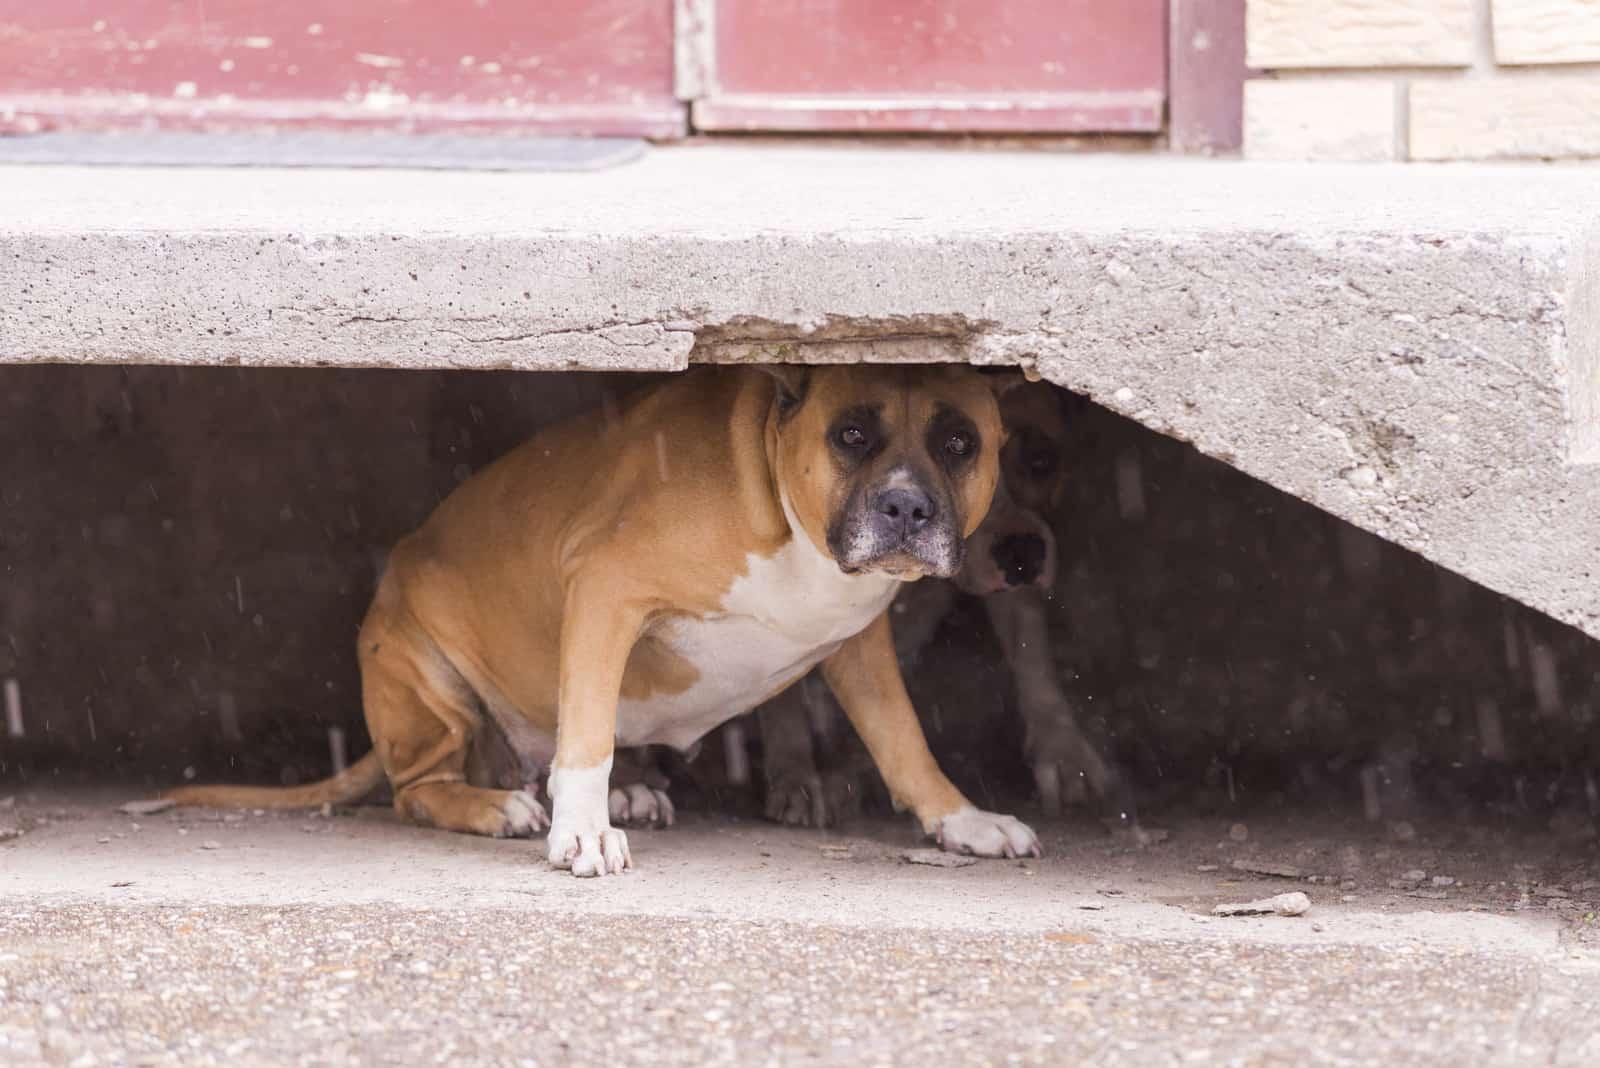 Amerikanischer Staffordshire Terrier Hund erschrocken vor Regen